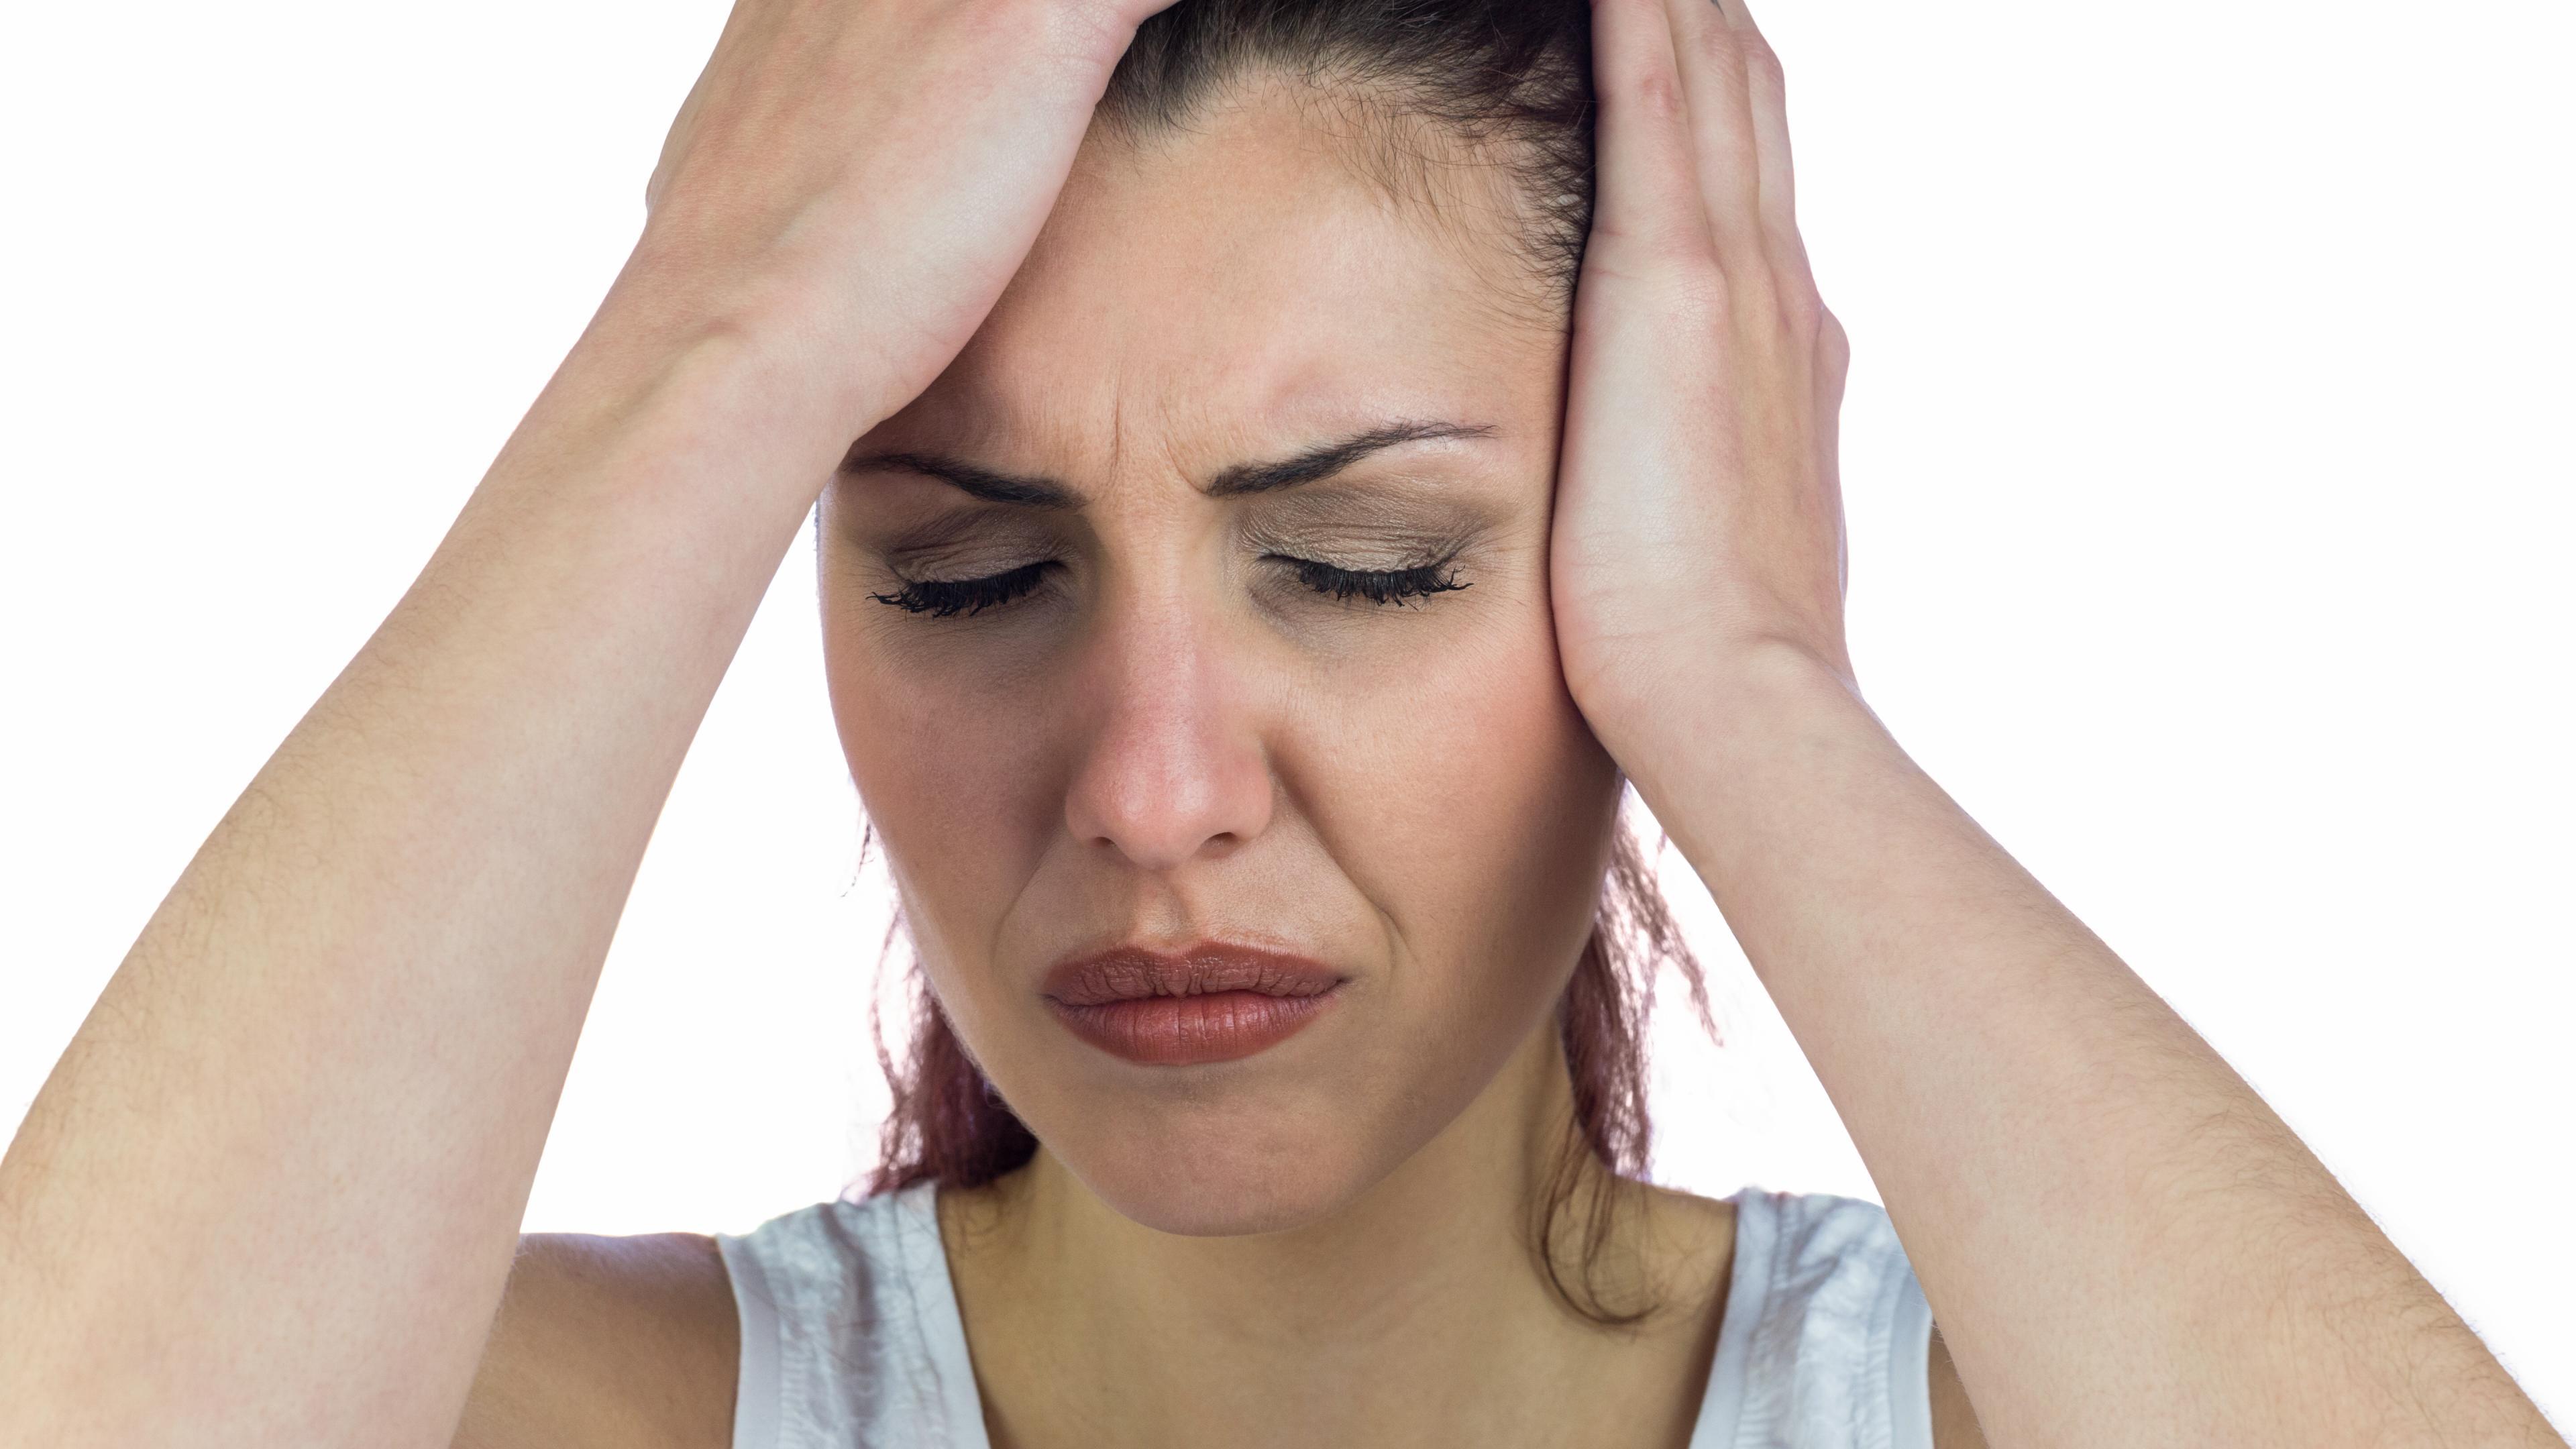 Инсульты у молодых стали встречаться чаще инфарктов